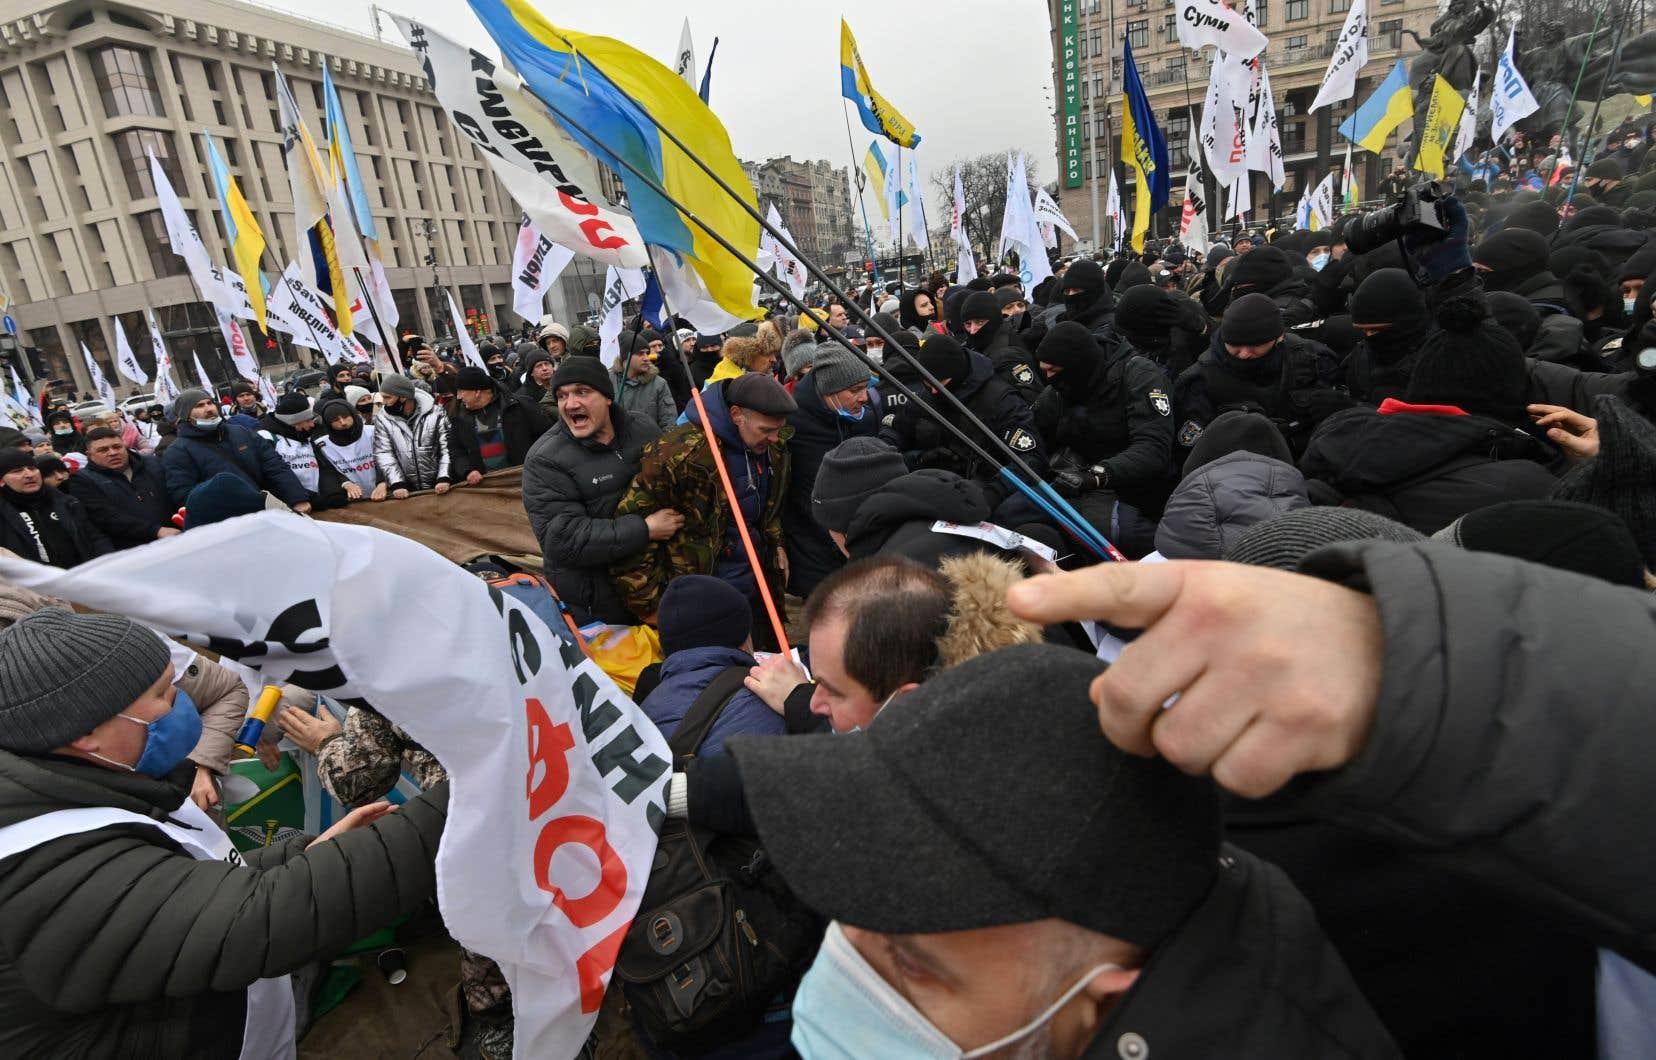 En Ukraine, ex-république soviétique au système de santé délabré, confrontée à une sévère deuxième vague de contaminations, des manifestations contre le confinement ont entraîné, mardi, à Kiev, des heurts qui ont notamment blessé une quarantaine de policiers.